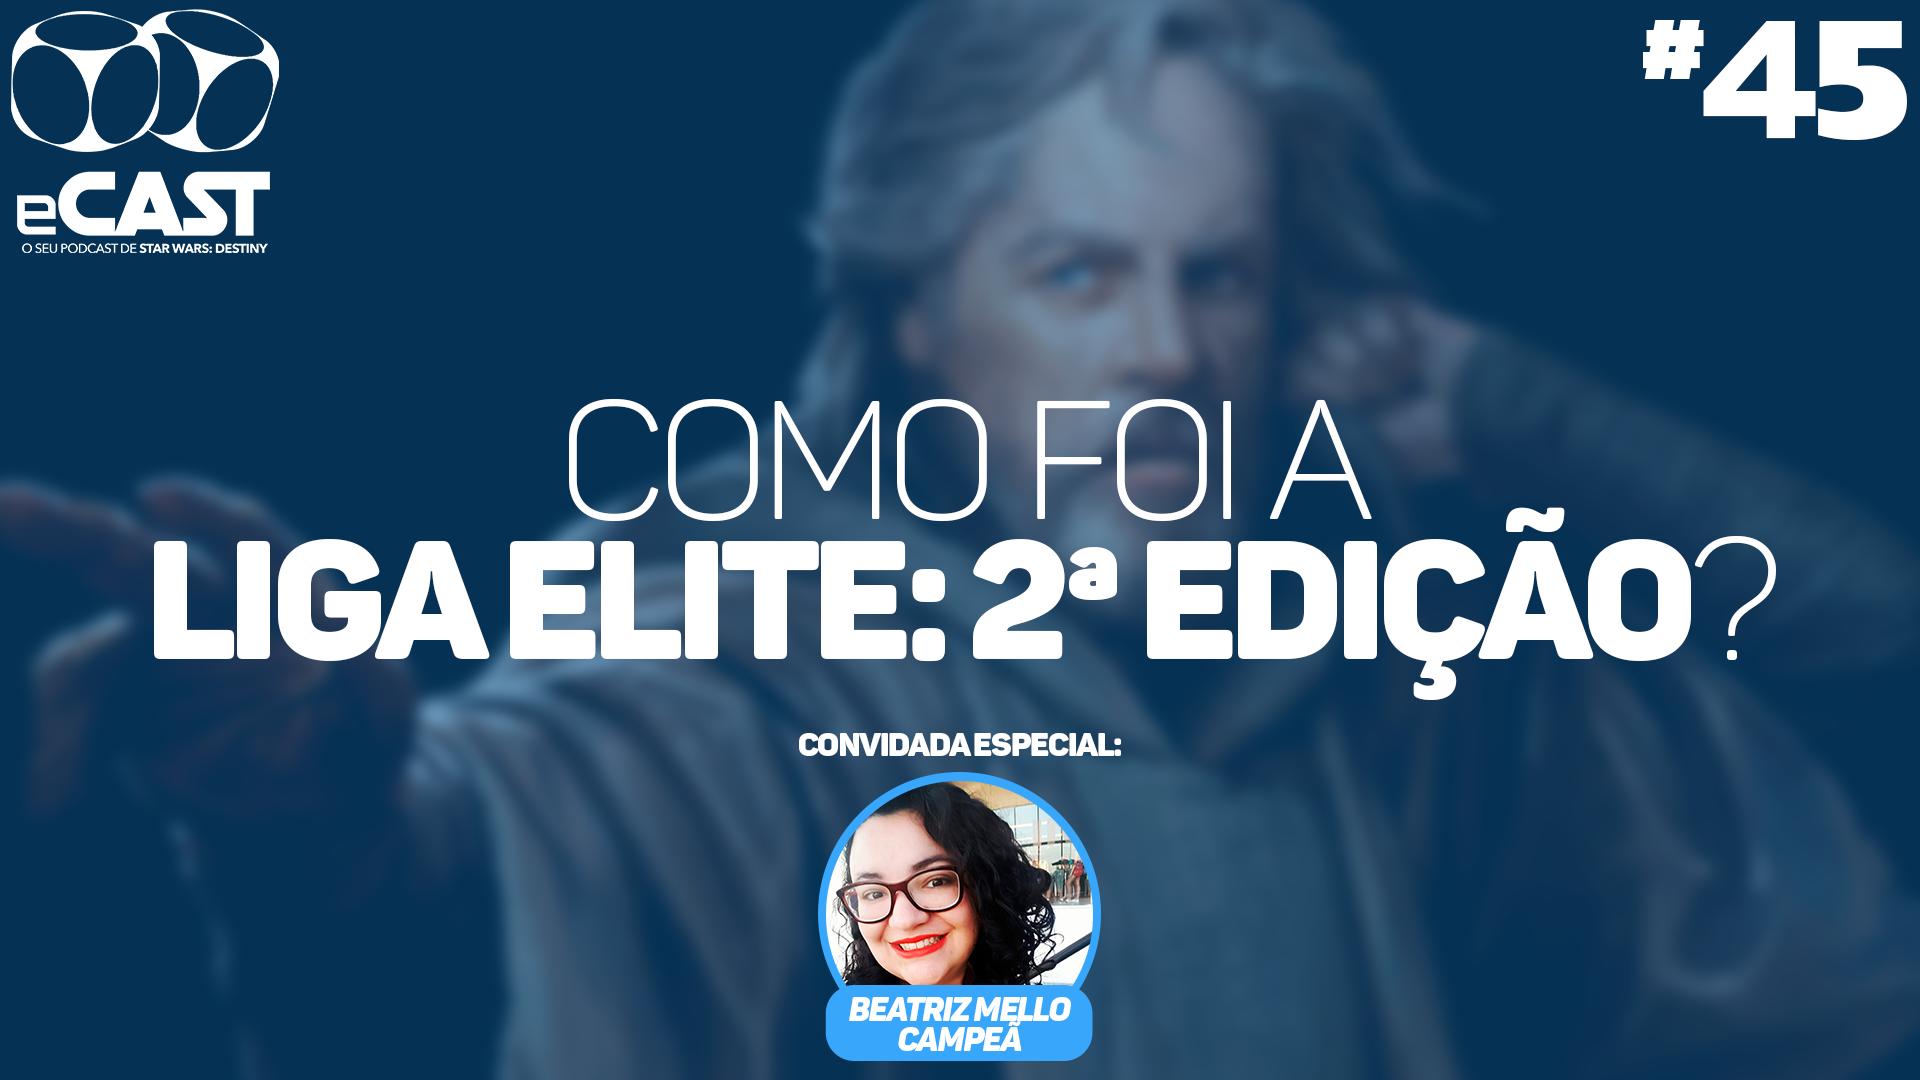 eCast 45 – Como foi a Liga Elite: 2ª Edição?